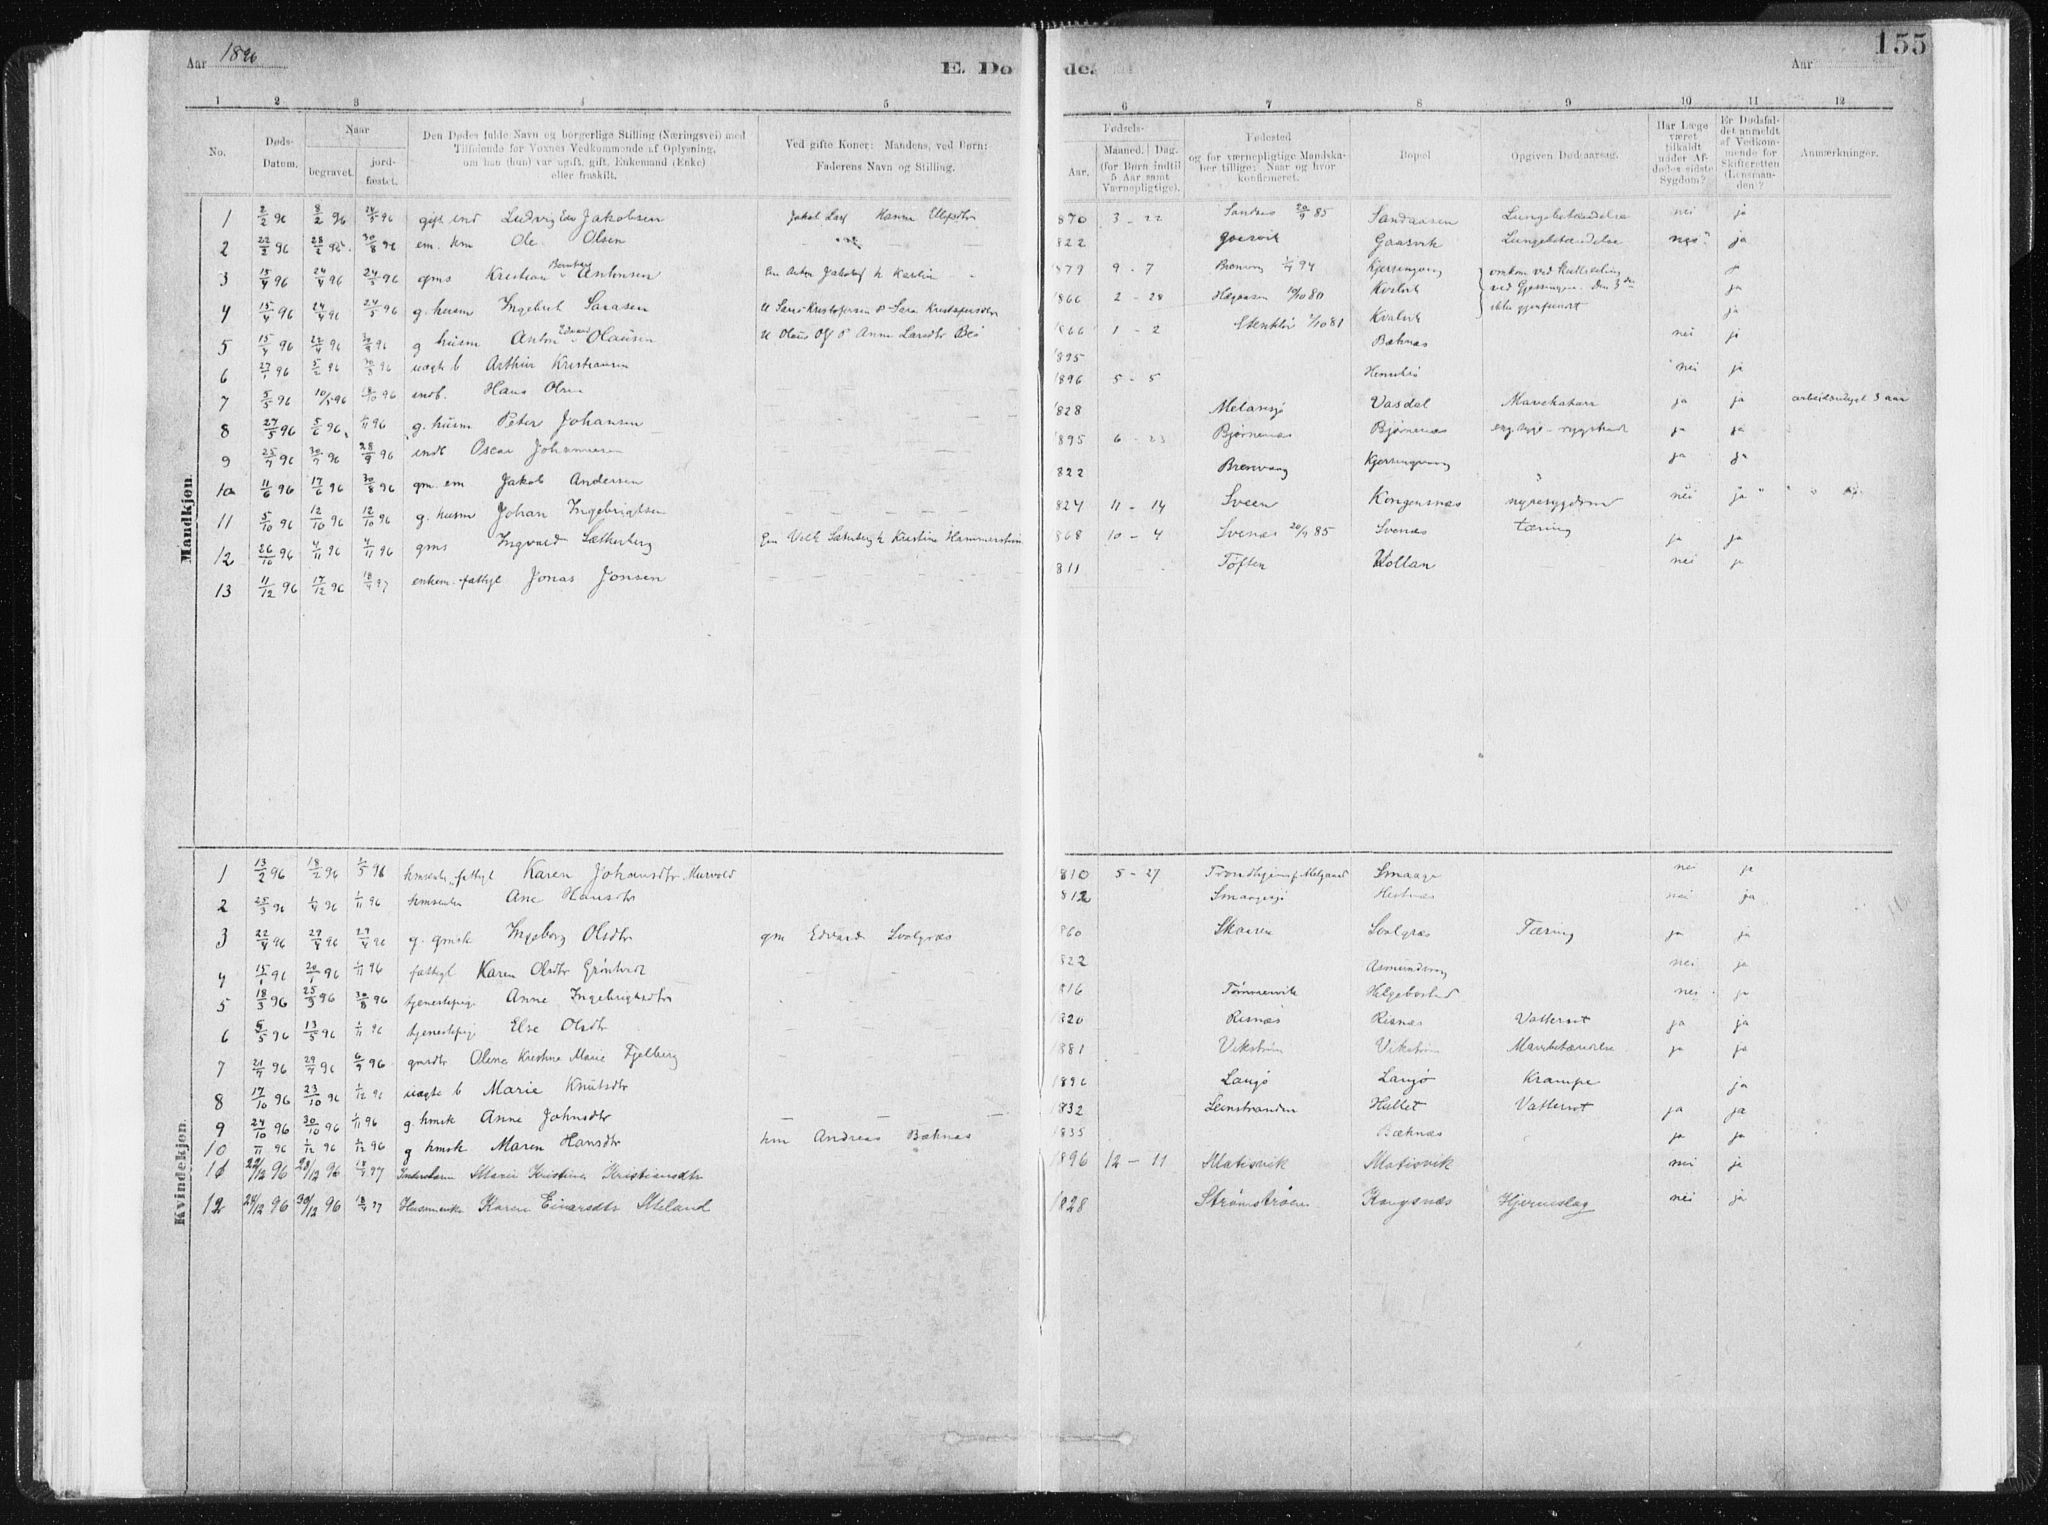 SAT, Ministerialprotokoller, klokkerbøker og fødselsregistre - Sør-Trøndelag, 634/L0533: Ministerialbok nr. 634A09, 1882-1901, s. 155